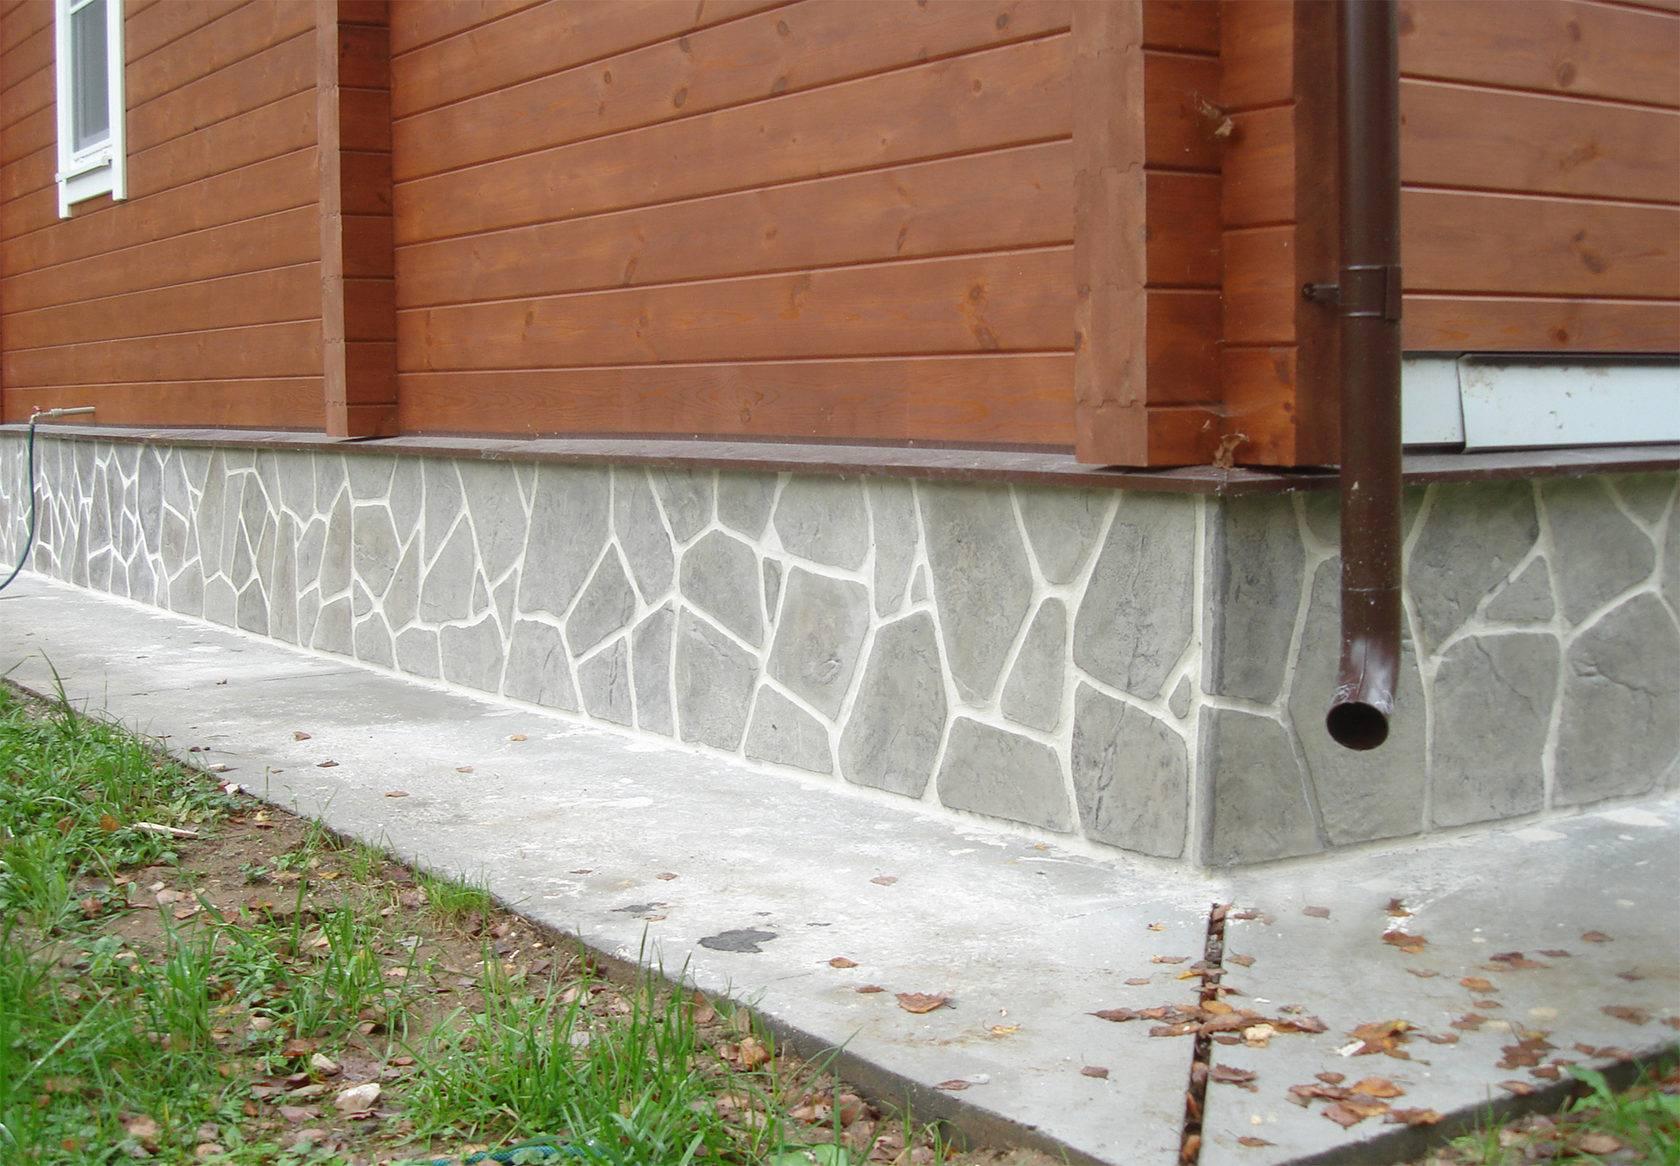 Чем обшить фундамент дома снаружи: дешево и красиво, фото чем обшить фундамент дома снаружи: дешево и красиво, фото